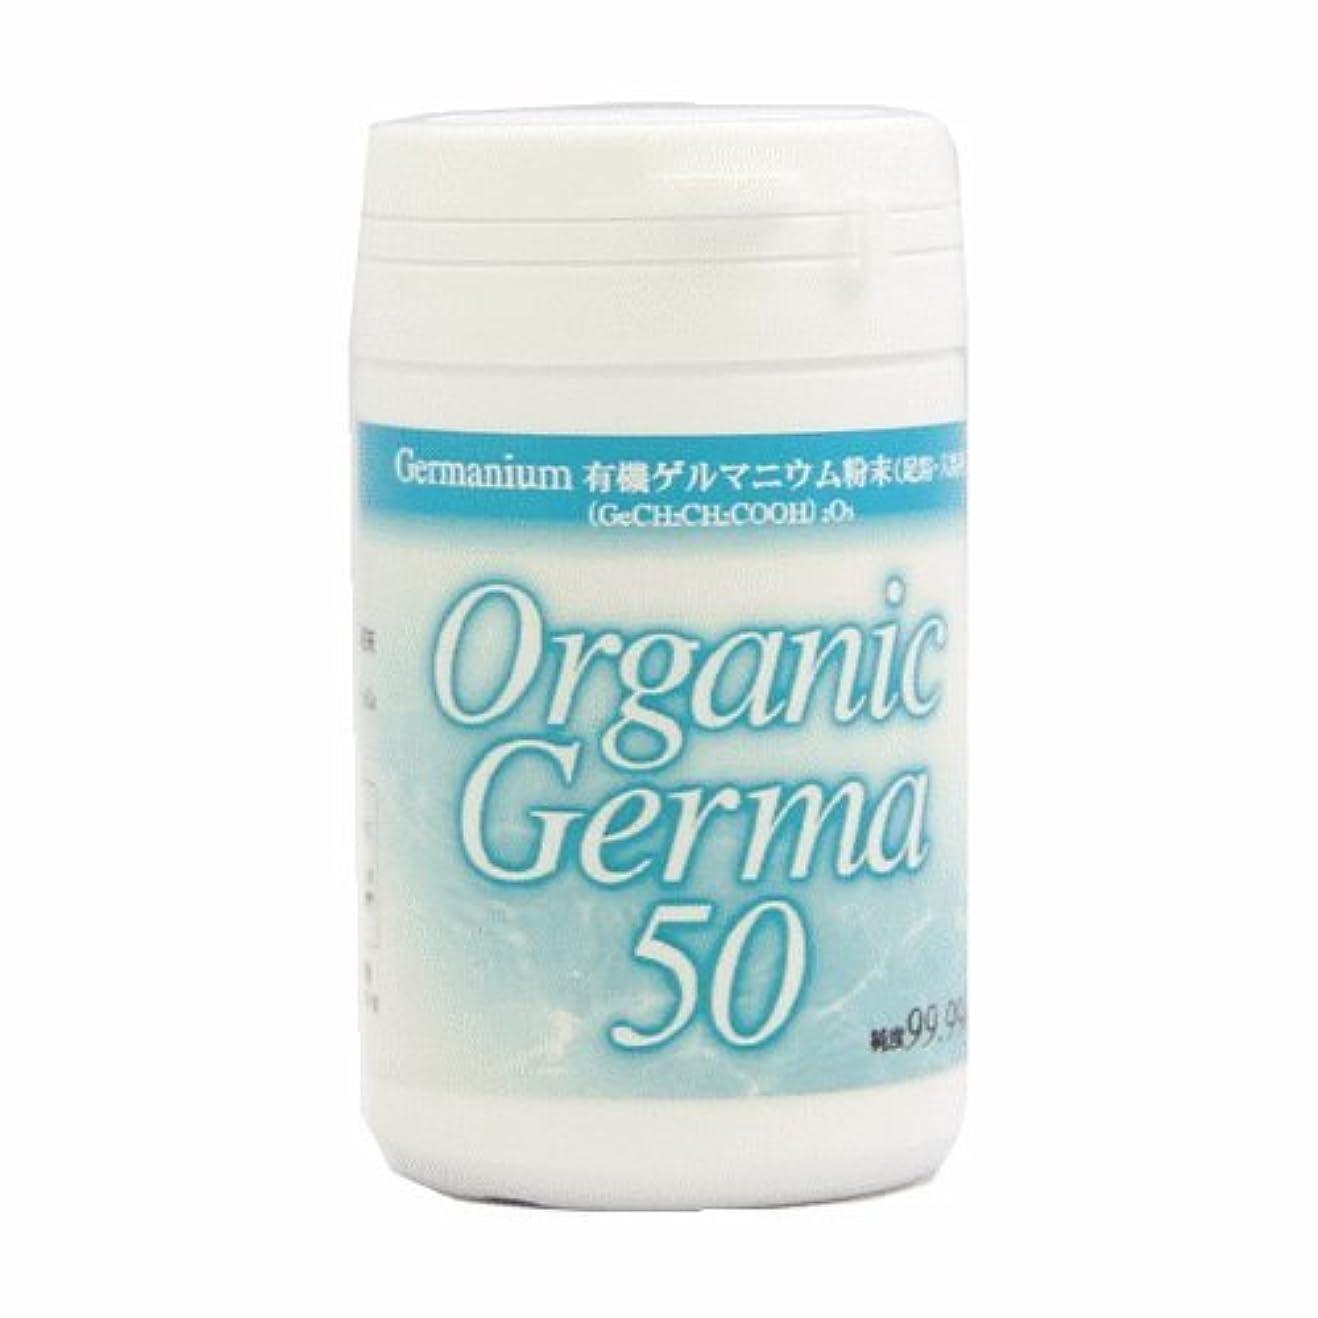 拳拳所有権【有機 ゲルマニウム 粉末 50g (Ge-132) 99.99% 温浴用】 ゲルマ パウダー